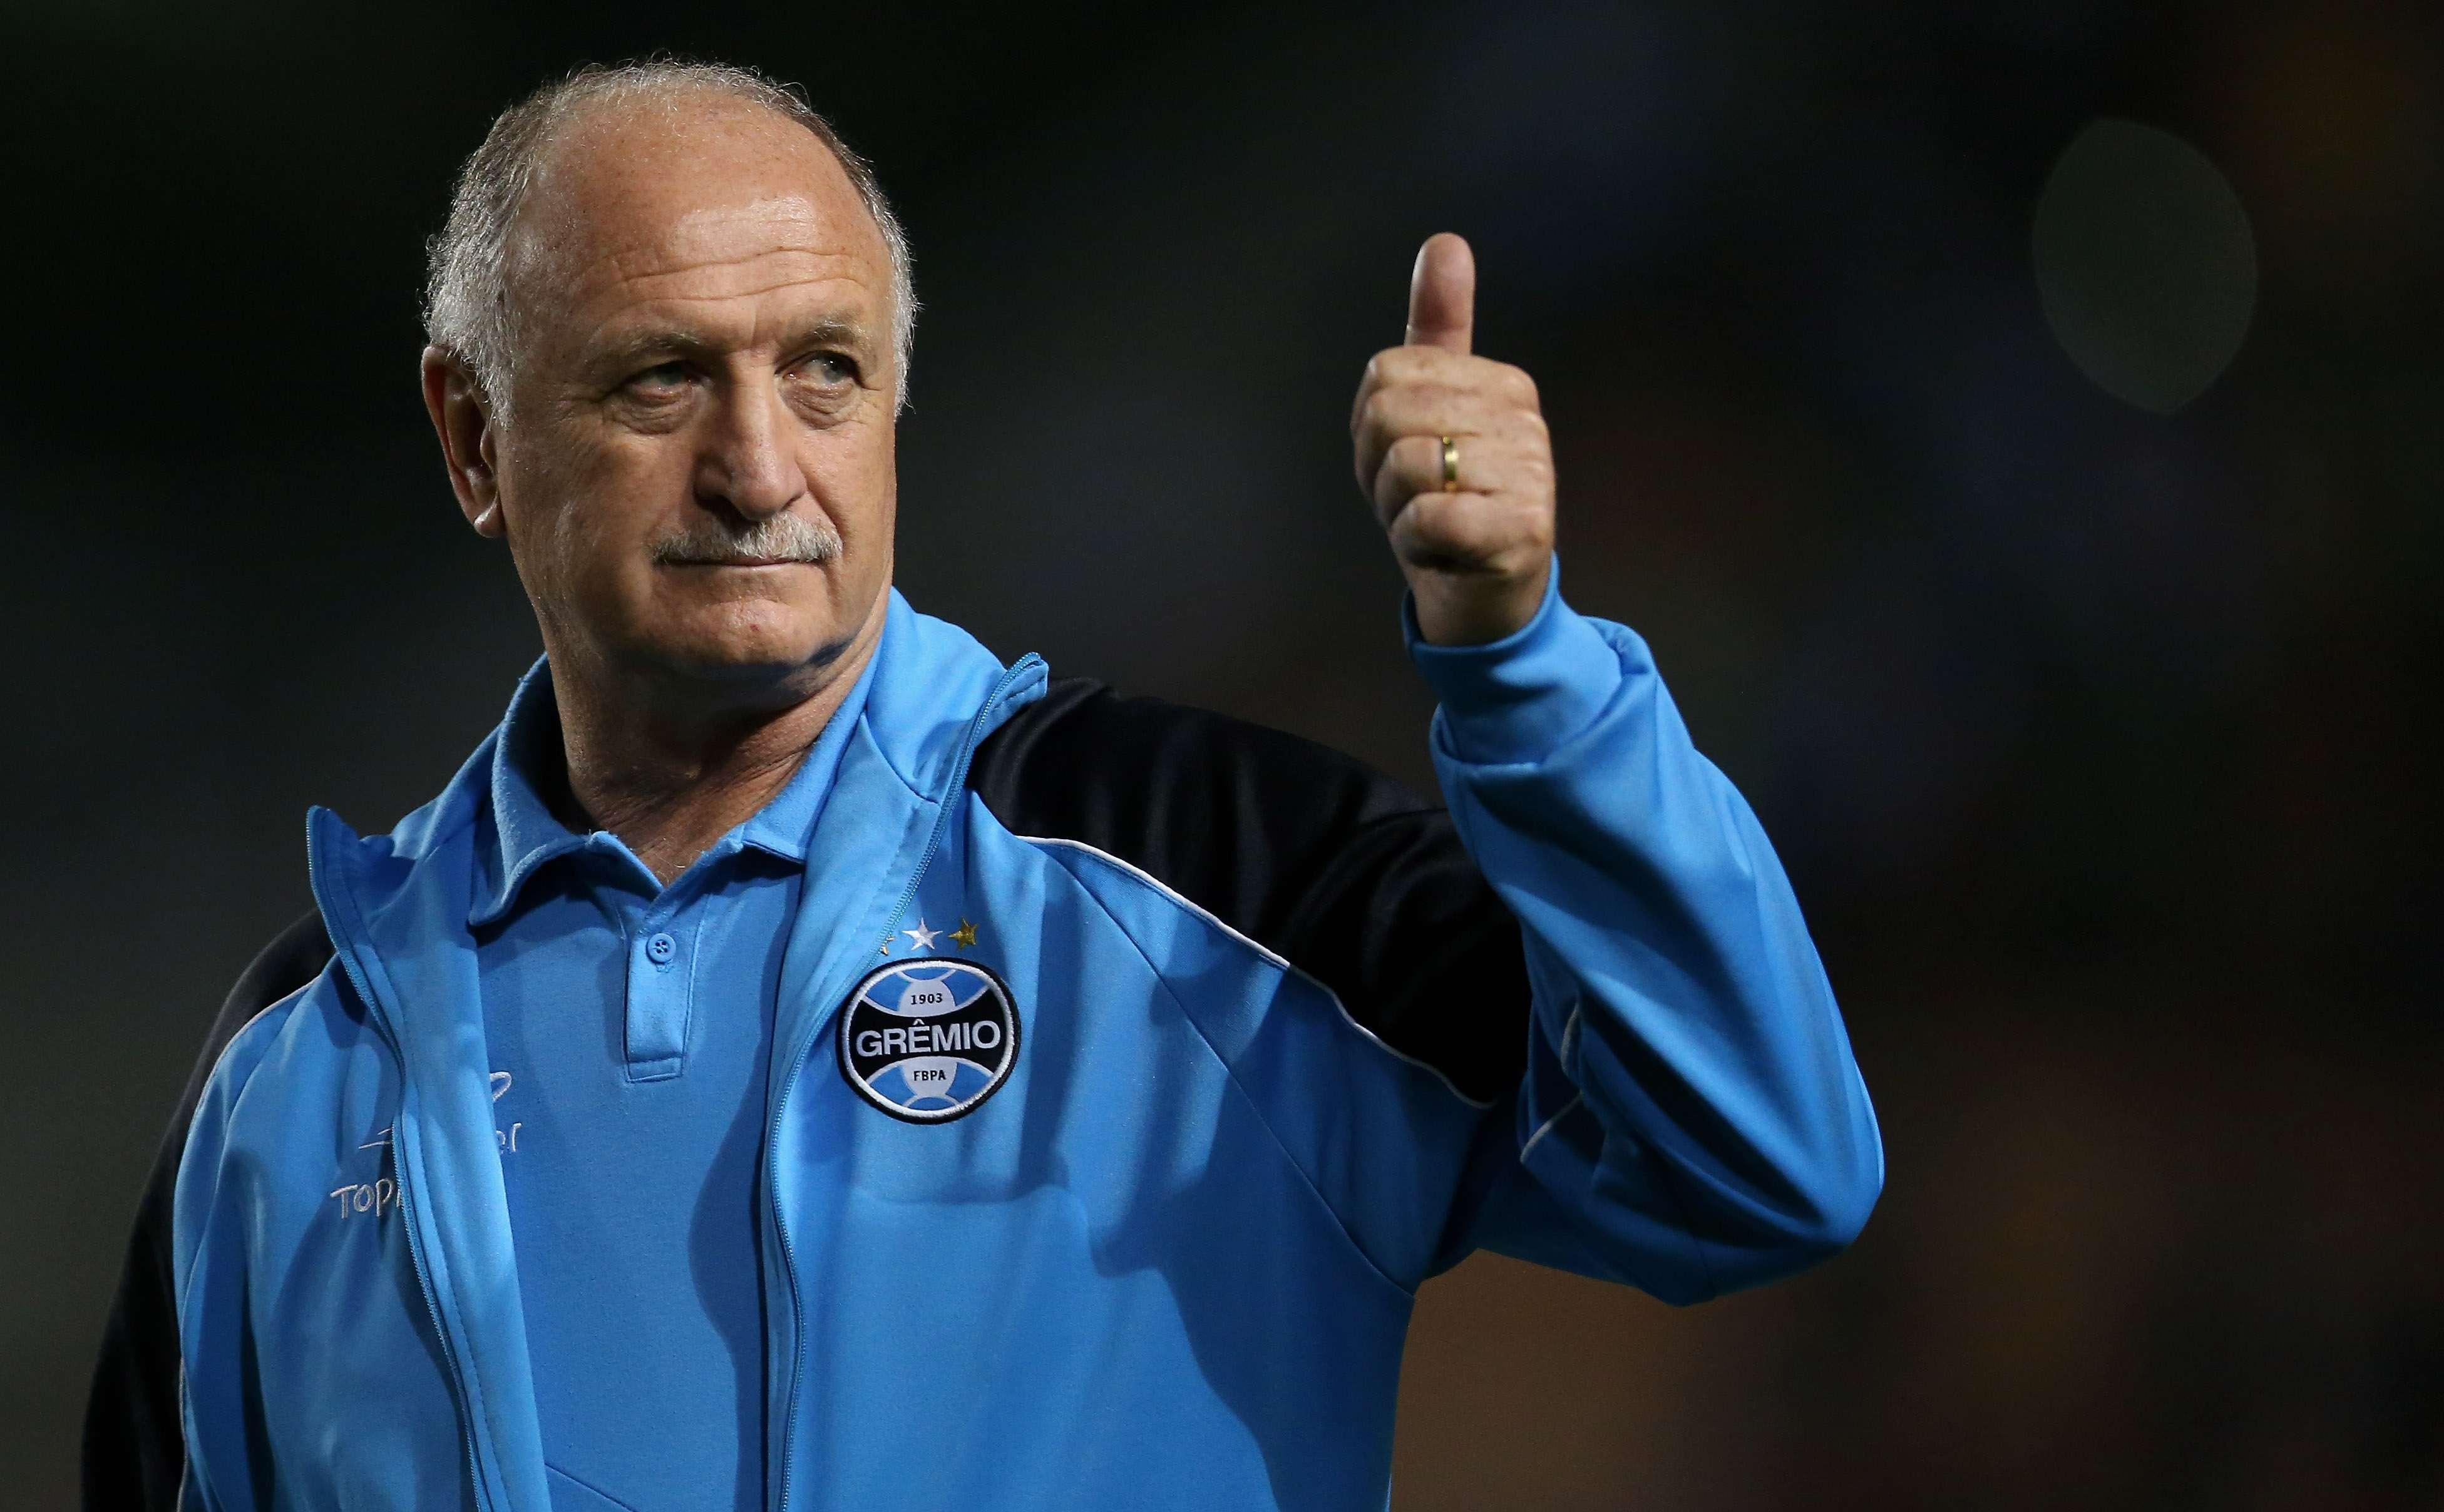 Vencedor no Palmeiras, mas marcado pela campanha do rebaixamento de 2012, Felipão, hoje no Grêmio, volta ao Pacaembu Foto: Friedemann Vogel/Getty Images